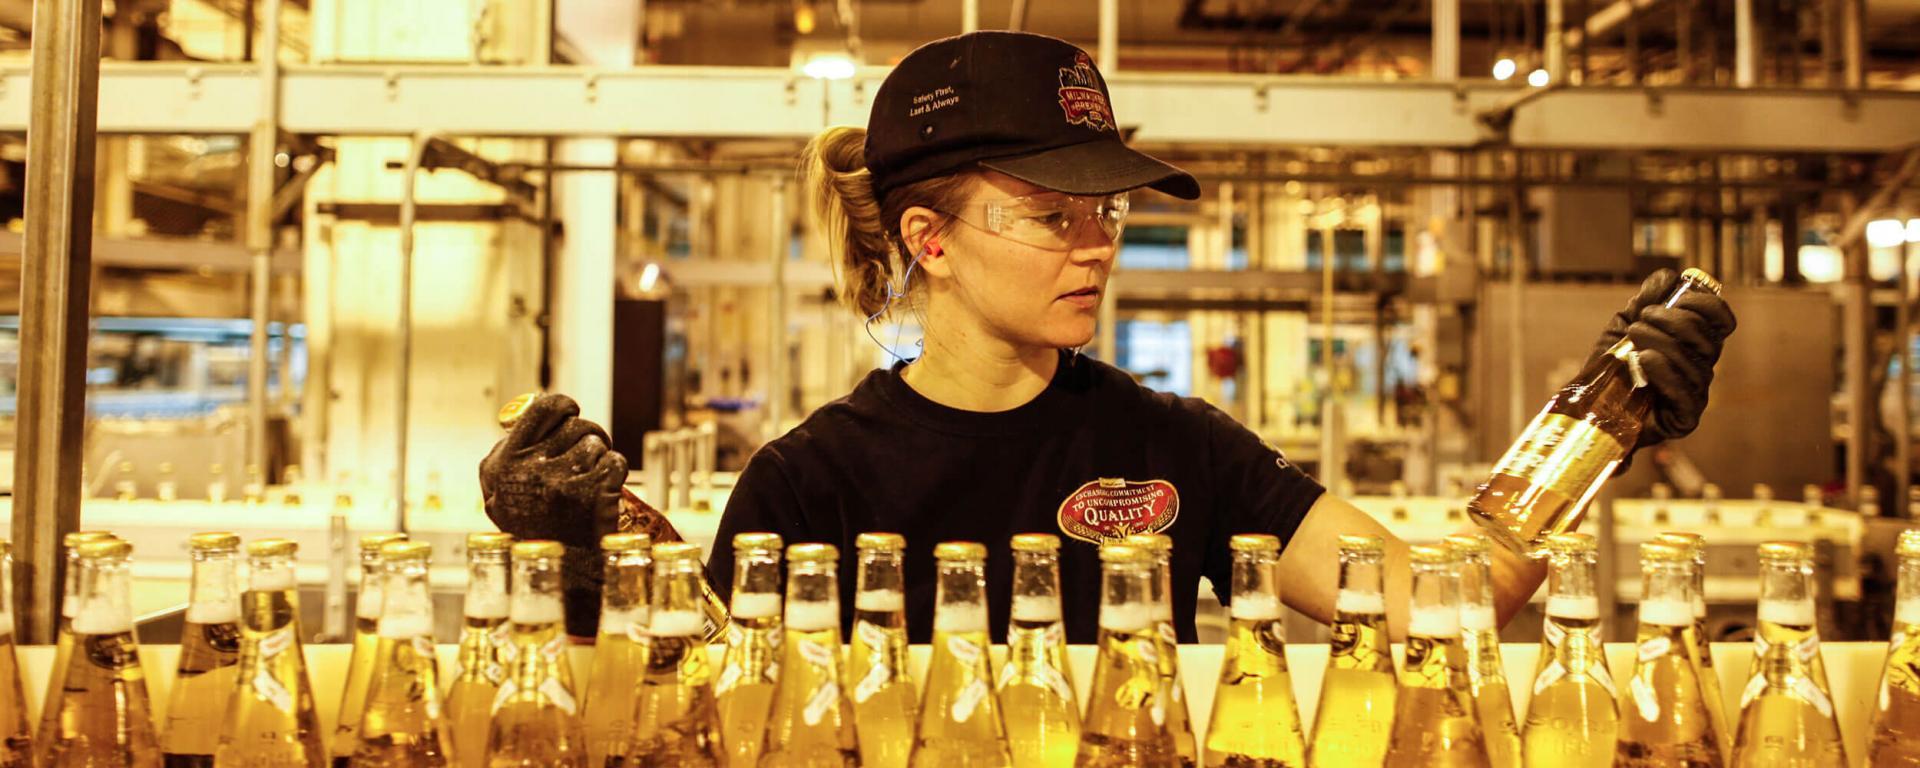 Beer factory line worker